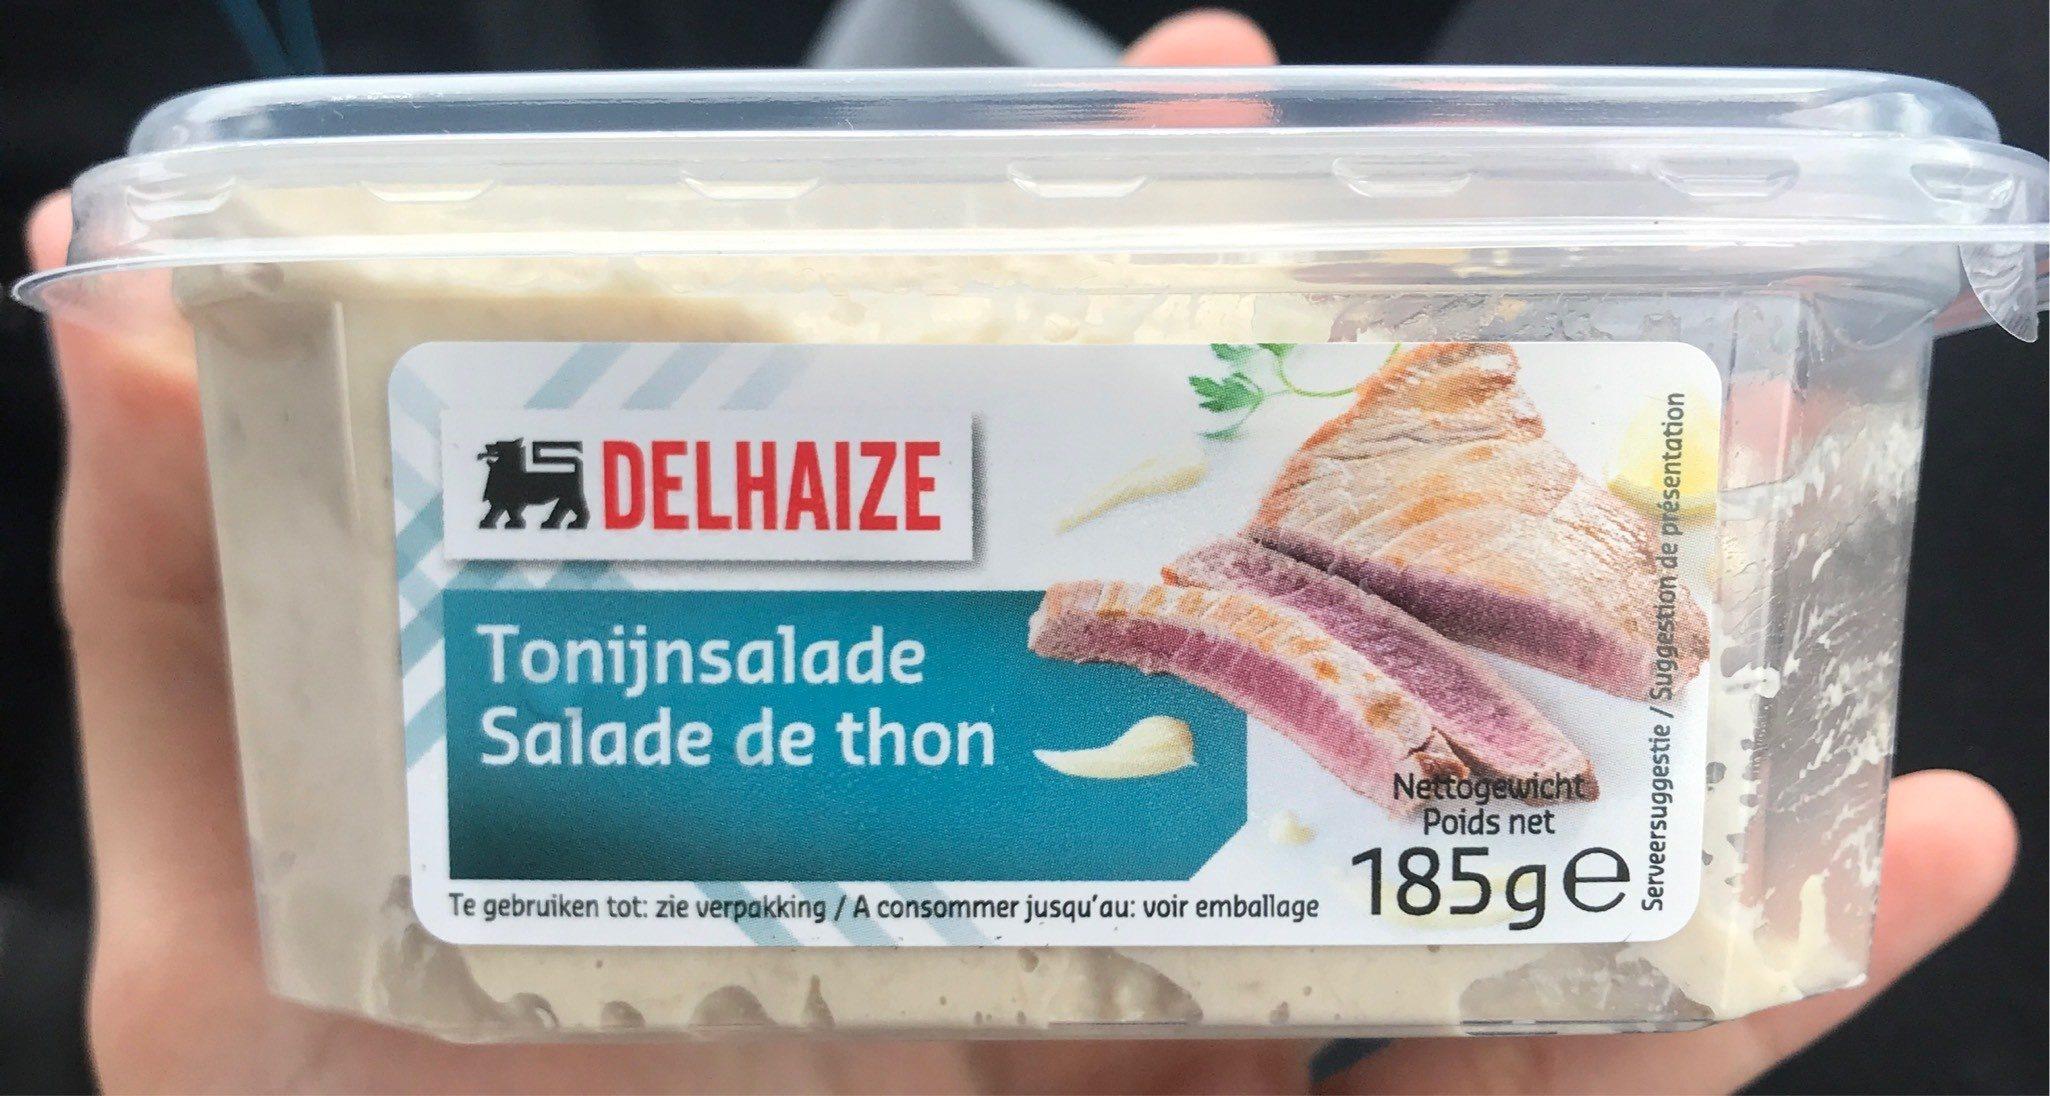 Salade De Thon - Product - fr